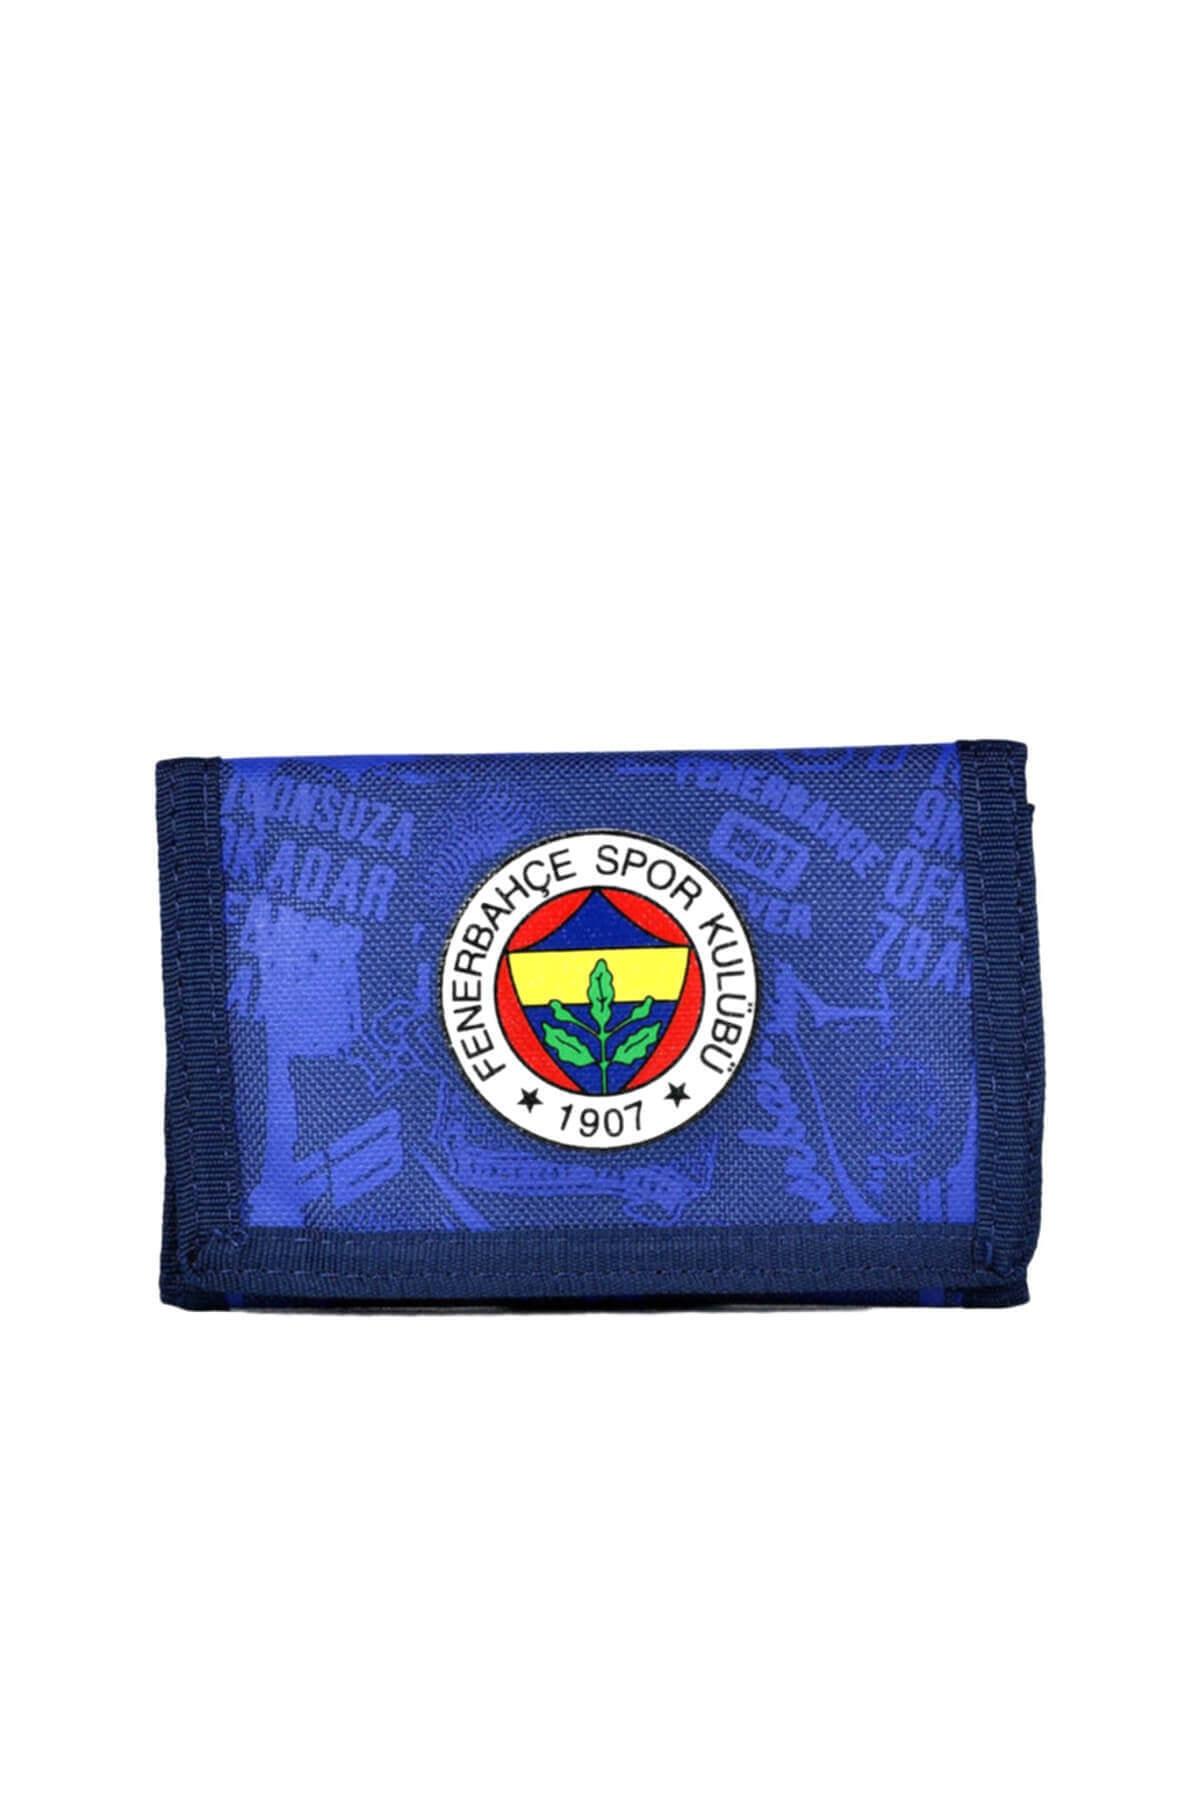 Fenerbahçe FB 95734 Lacivert Sarı Unisex Spor Cüzdan 100378503 1